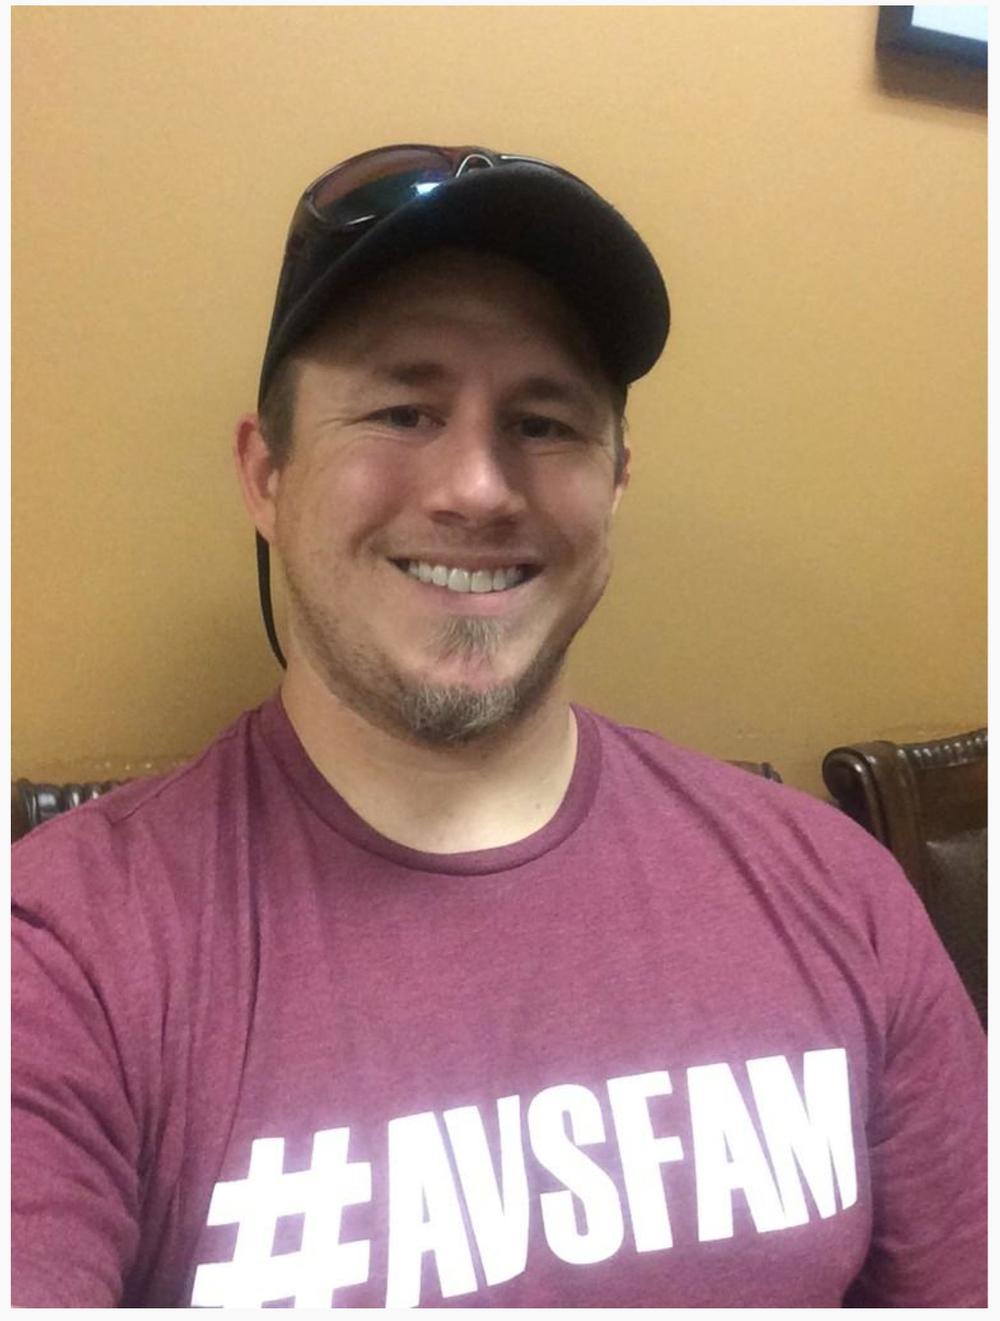 @BlakeWollenberg keeping it classy! #AvsFam